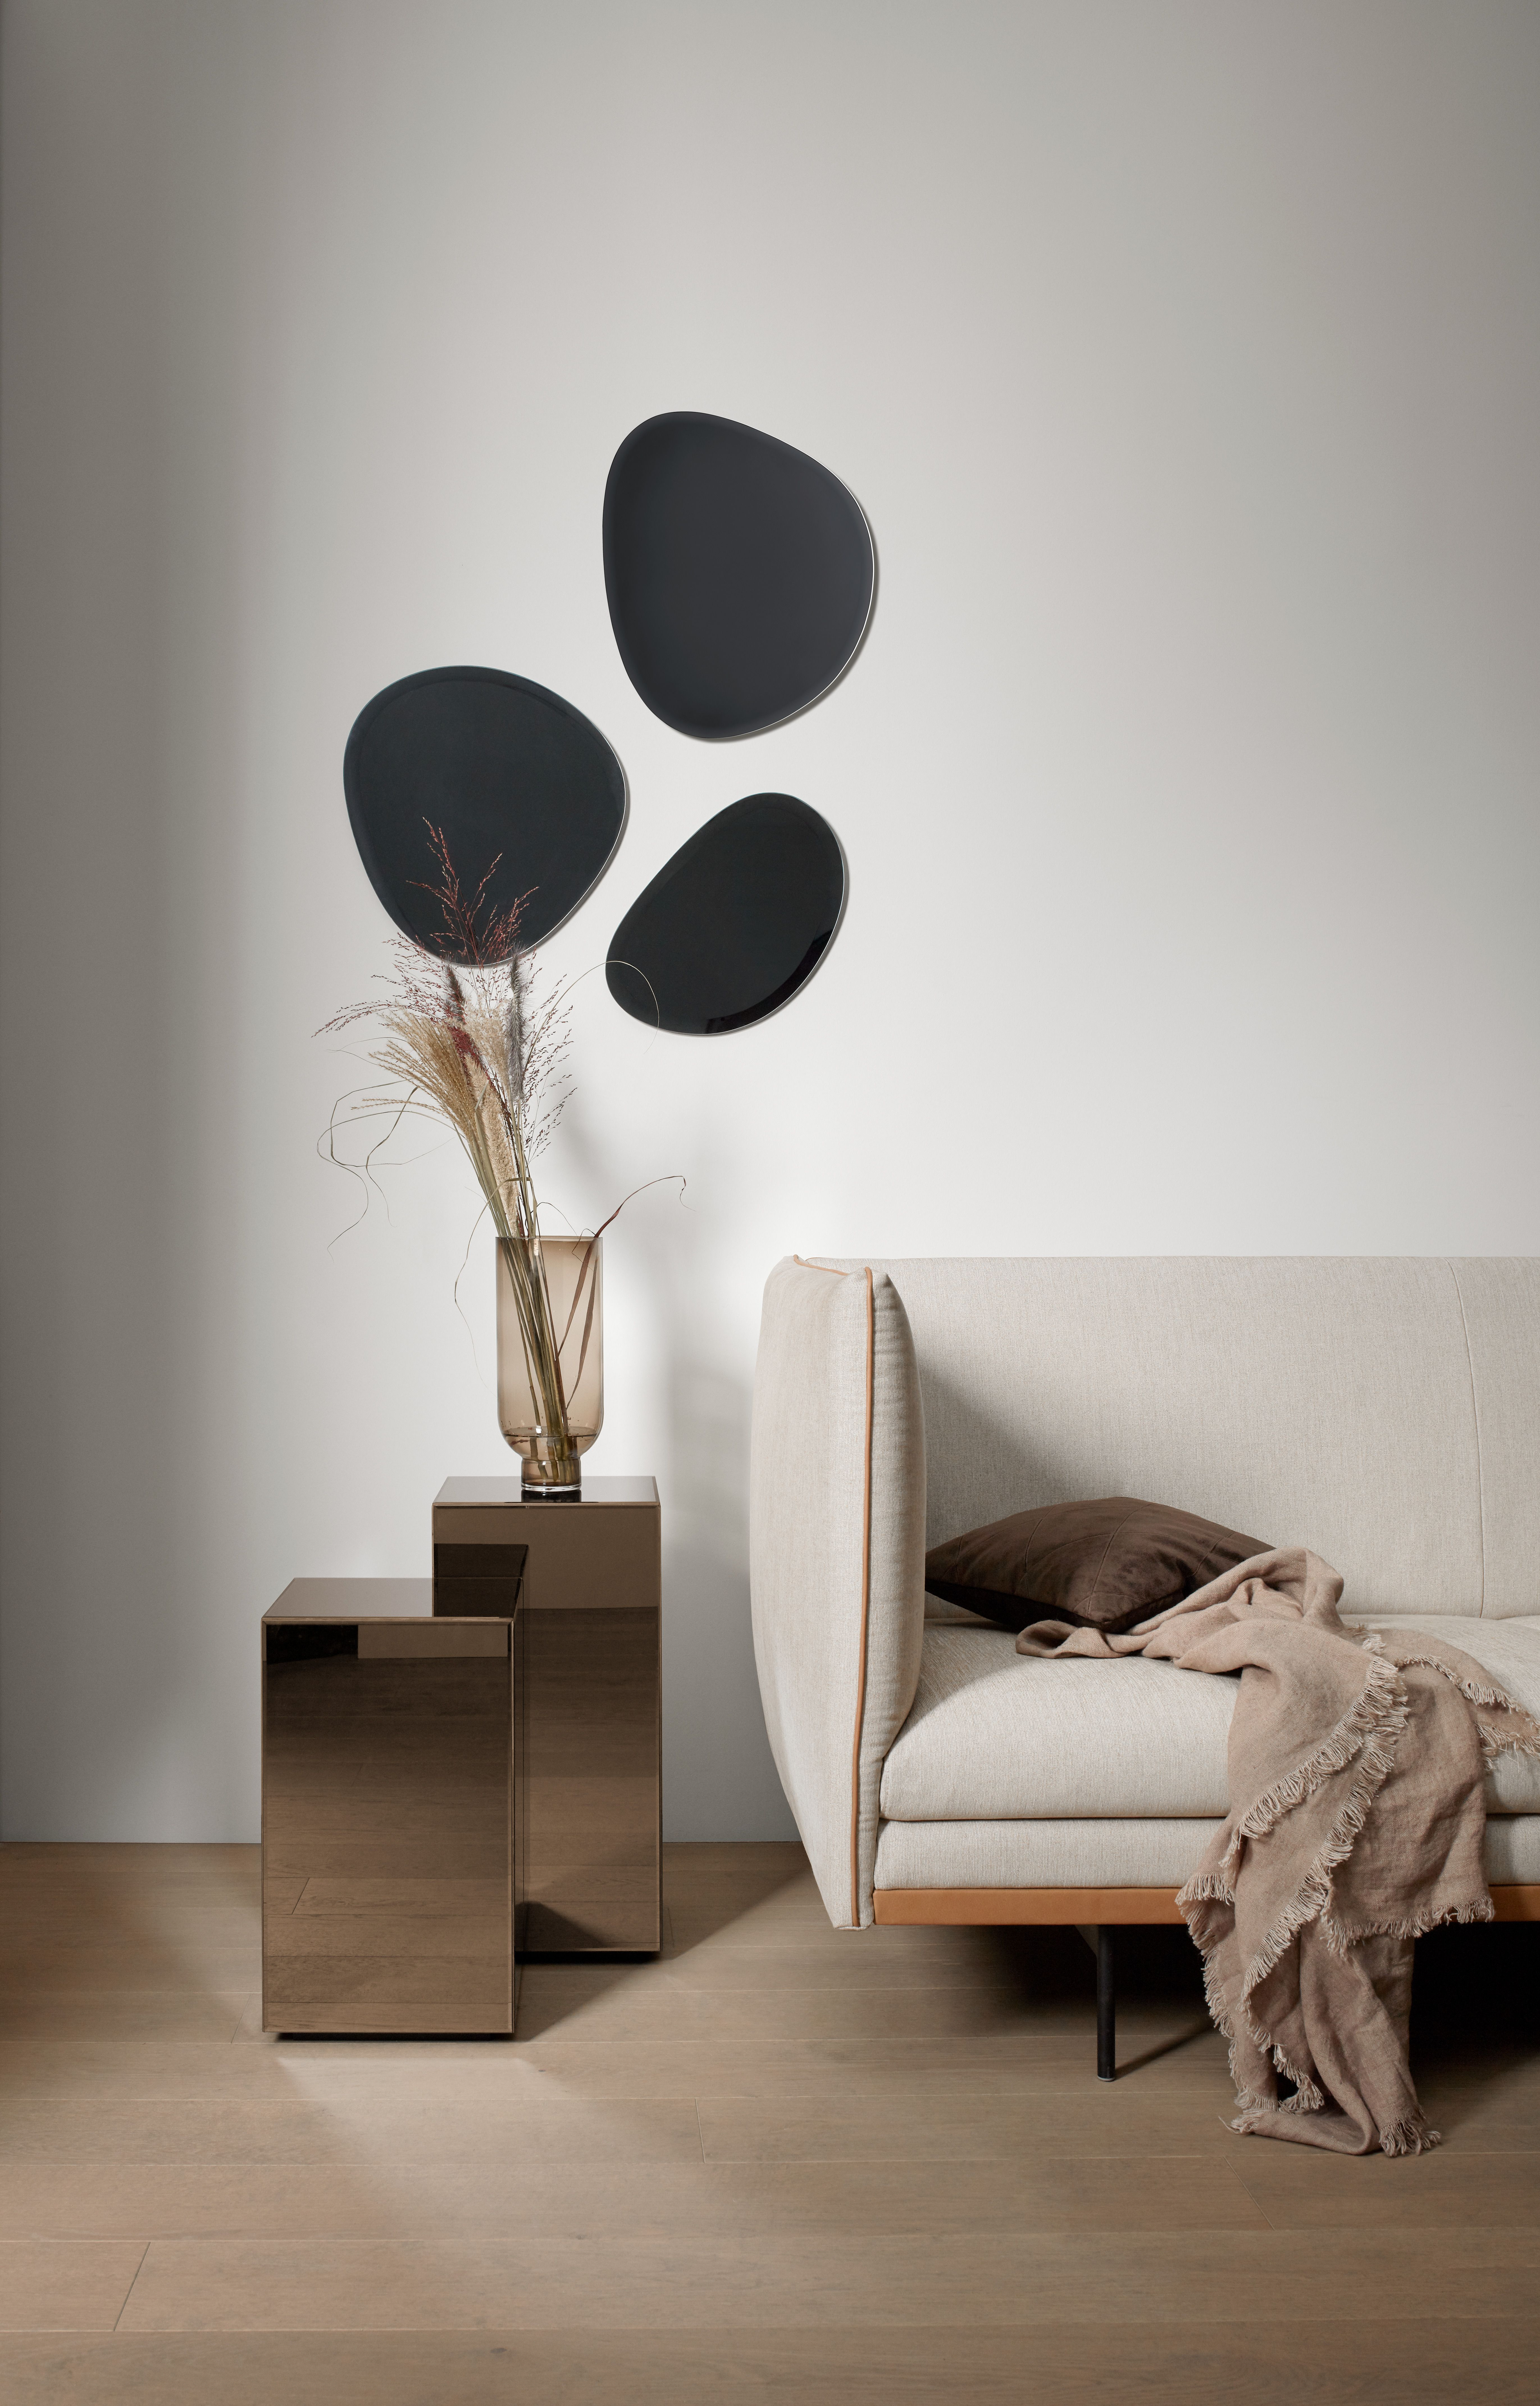 Tables D Appoint Block Vase Lucid Miroirs Turn Et Canape Nantes